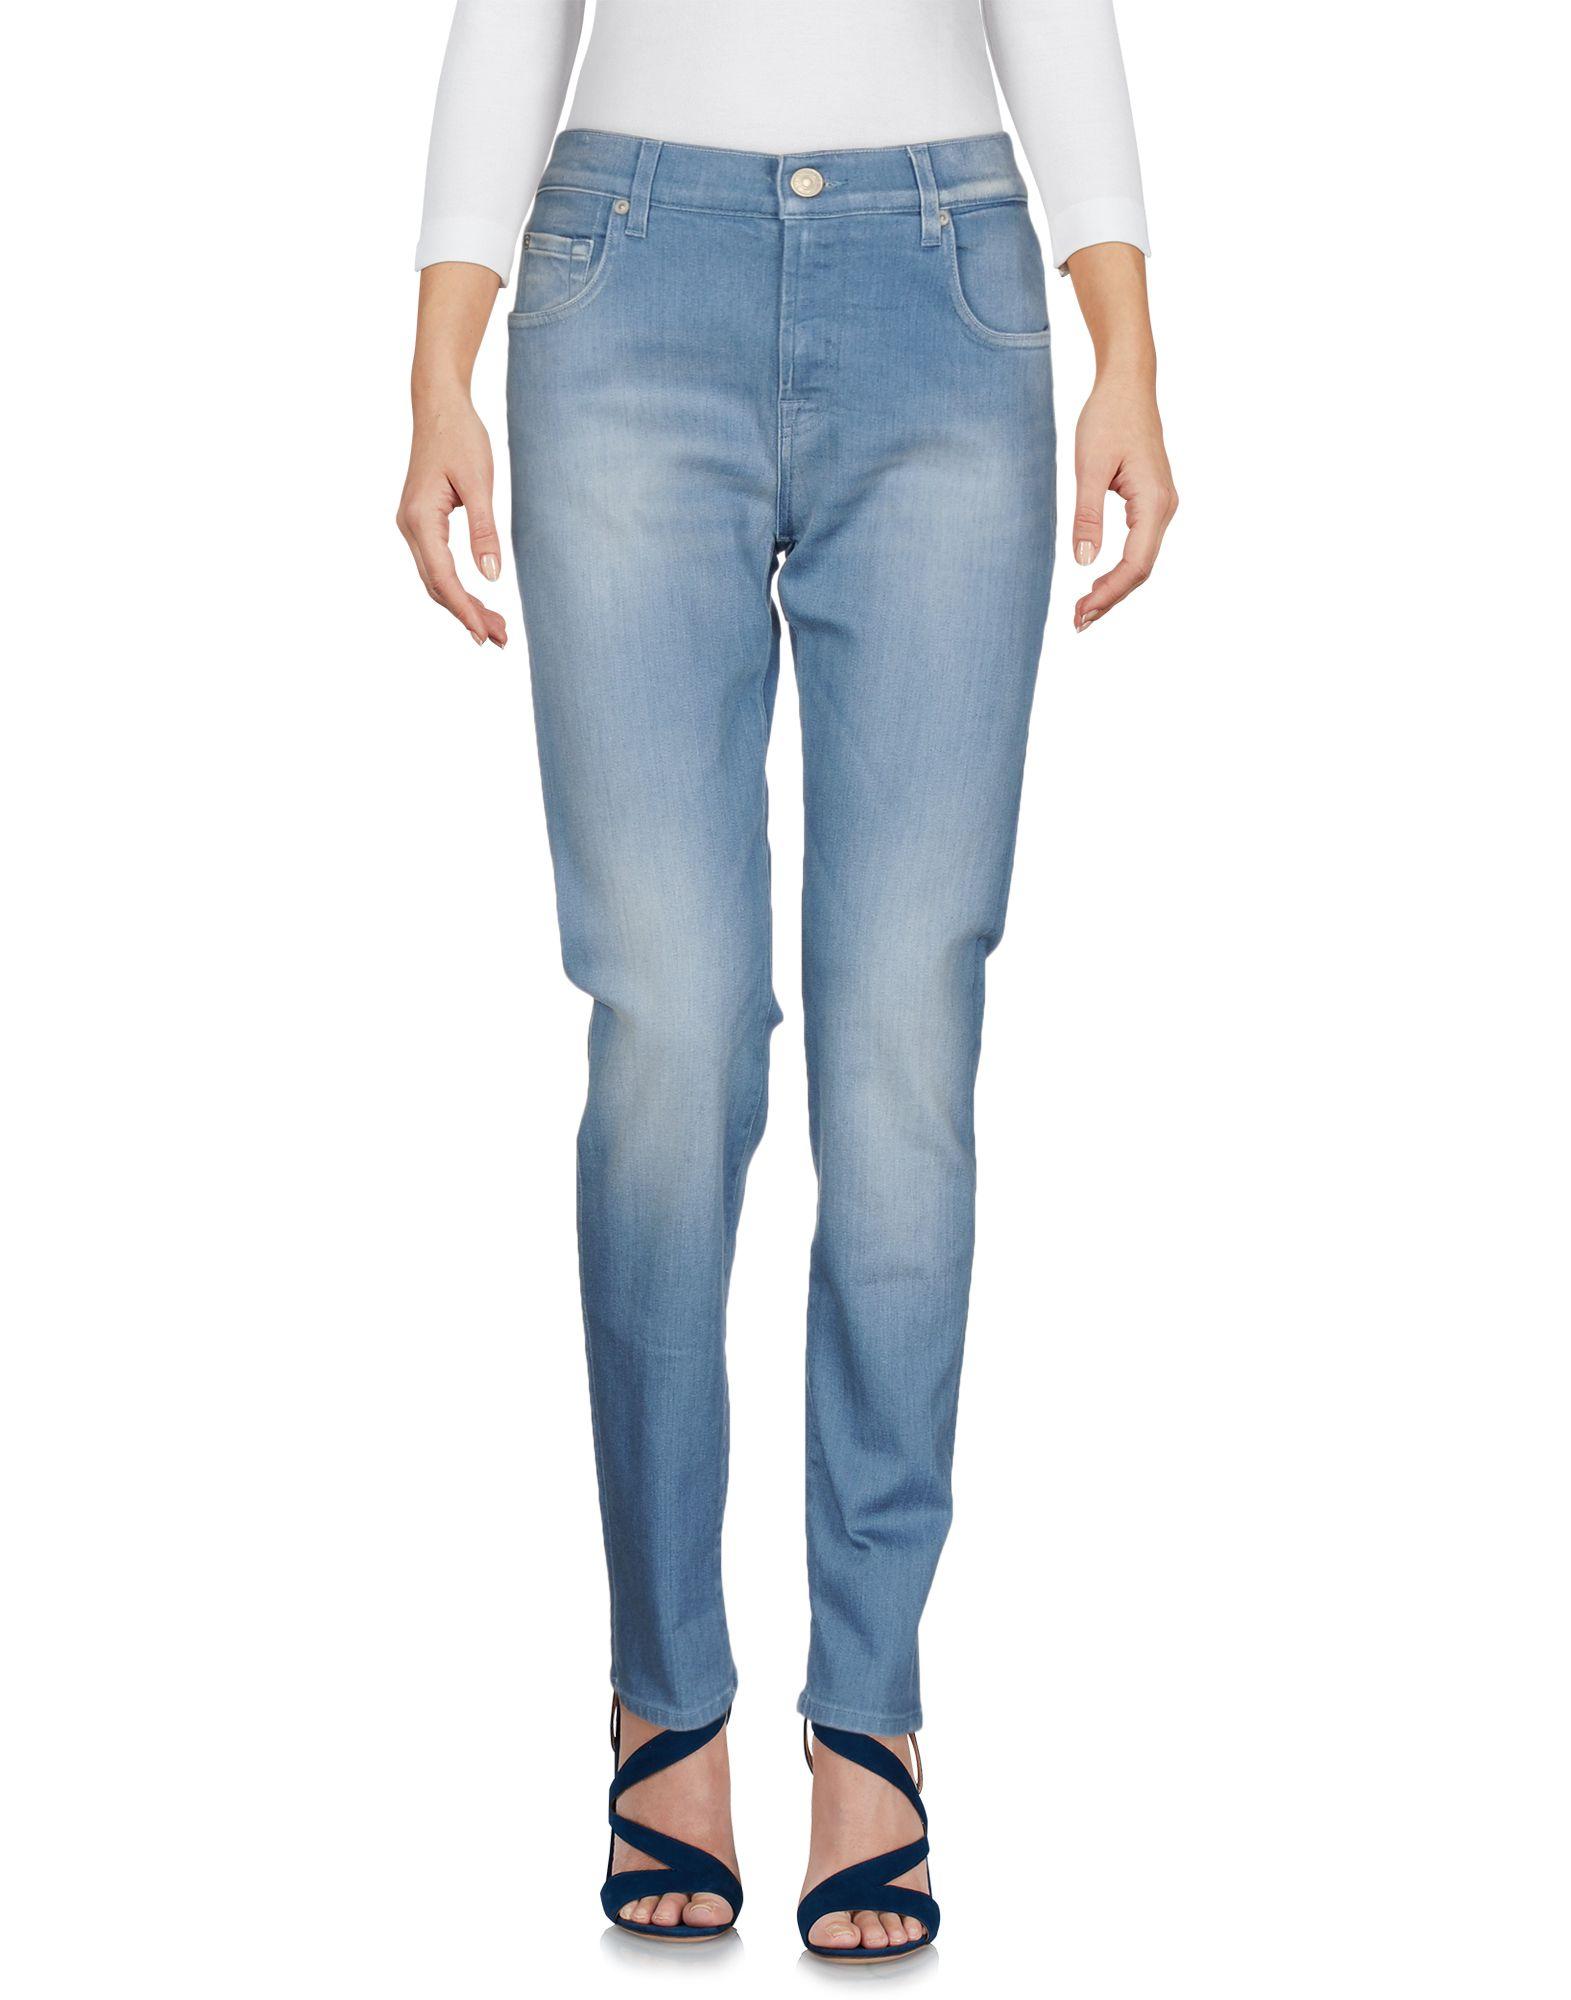 Les Humanité Ligne En Tous Jeans Pantalons 7 À Pour FemmeAcheter hrxsQdCt